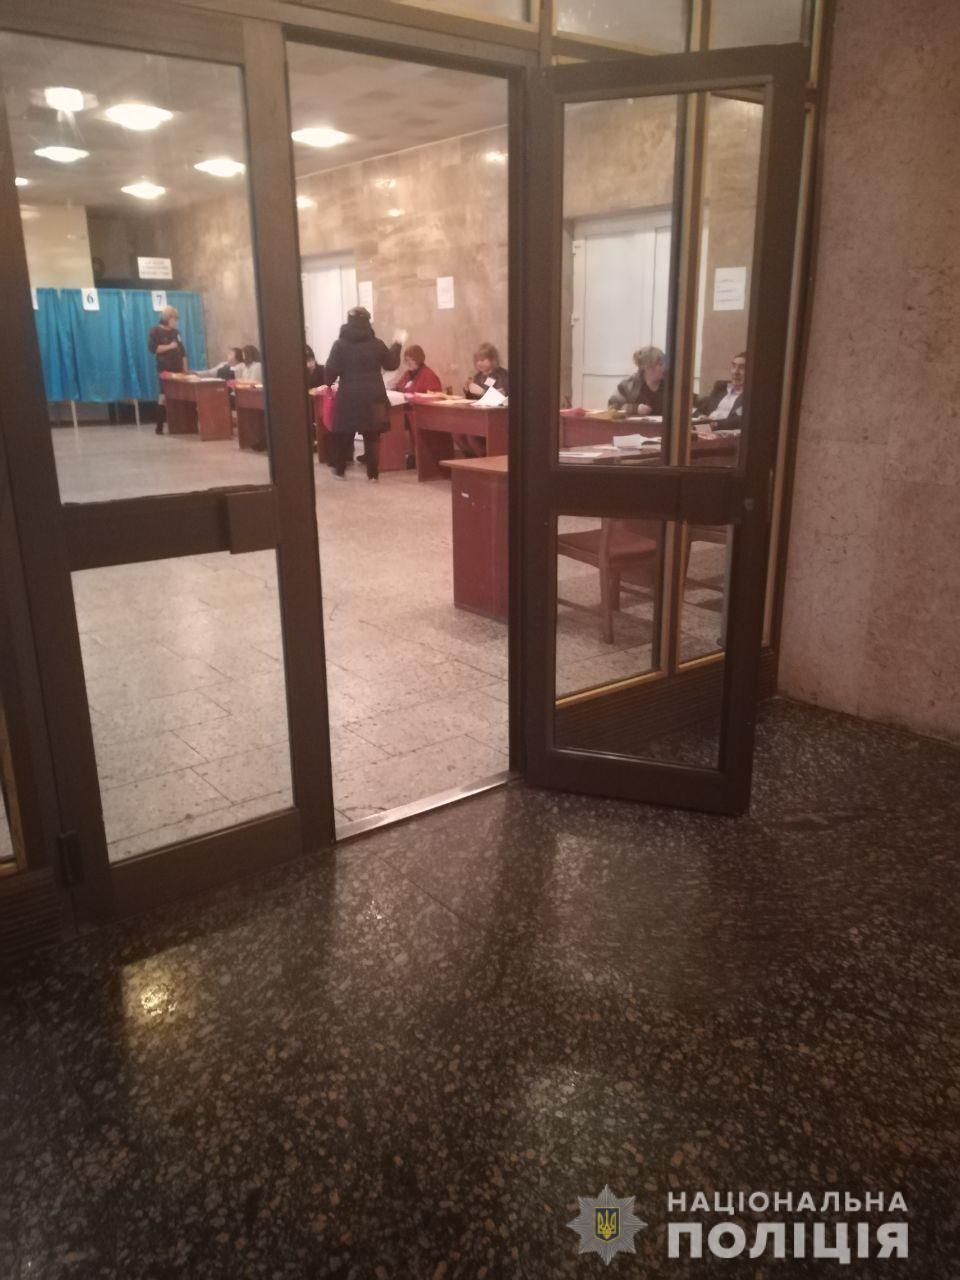 22 грудня стартували вибори до ОТГ на Броварщині -  - vyborybrovary11